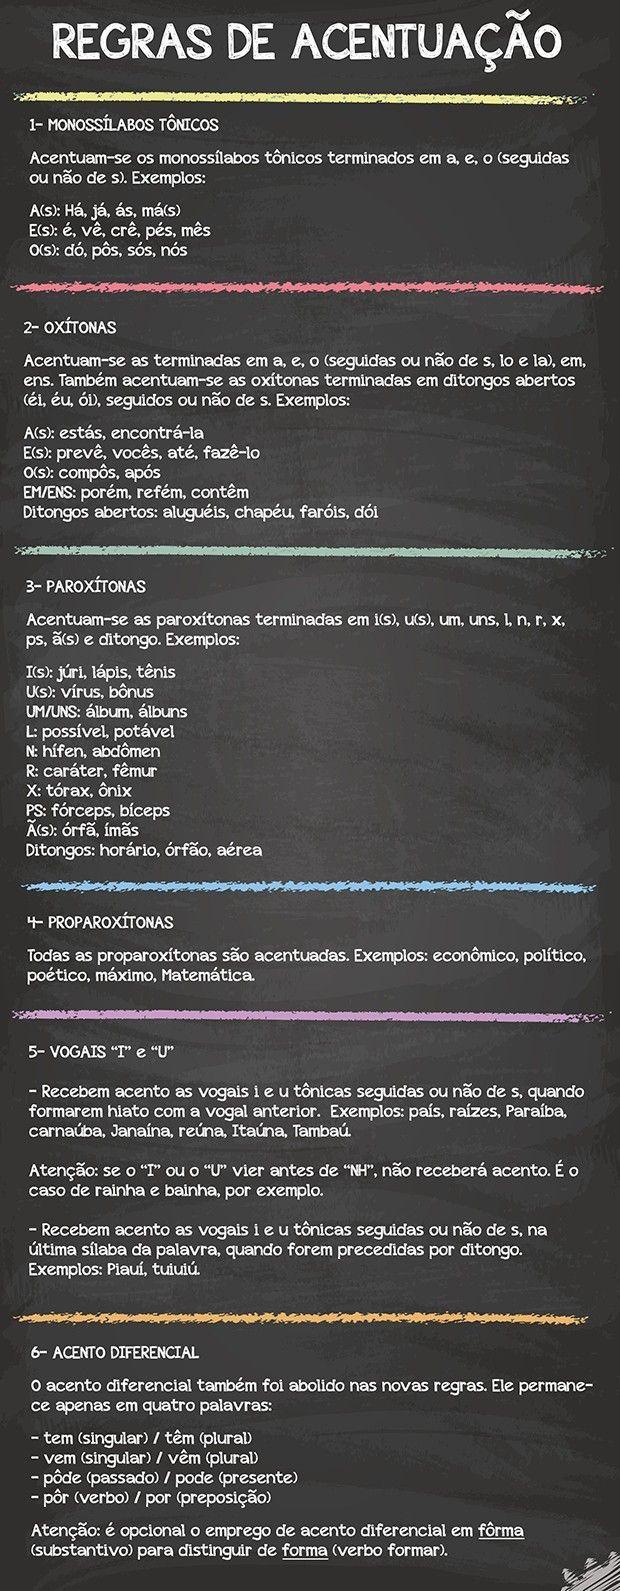 arte acentuação (Foto: Divulgação)